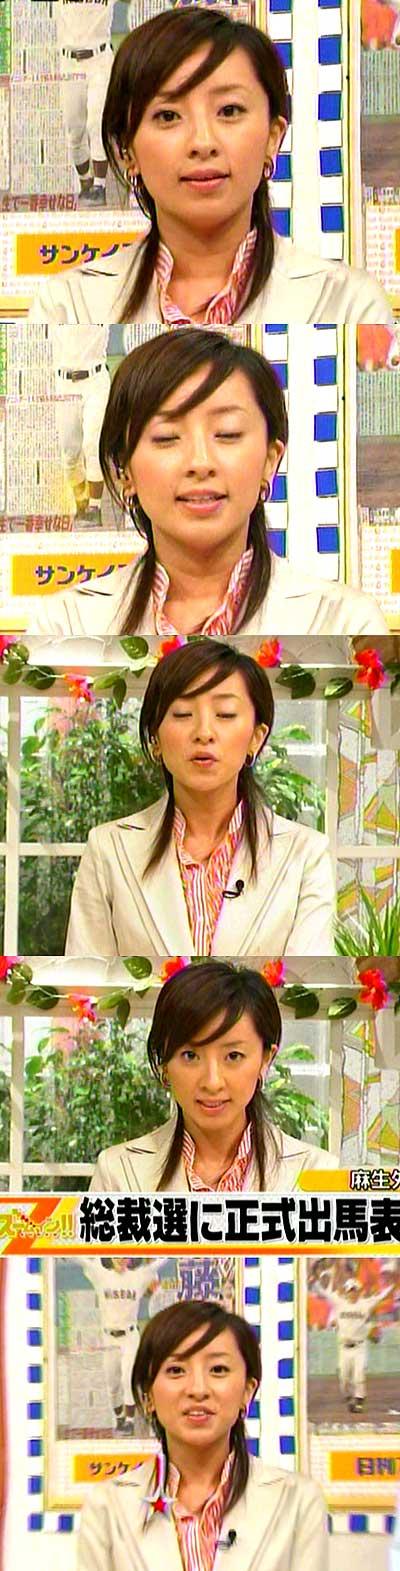 西尾由佳理の画像50230